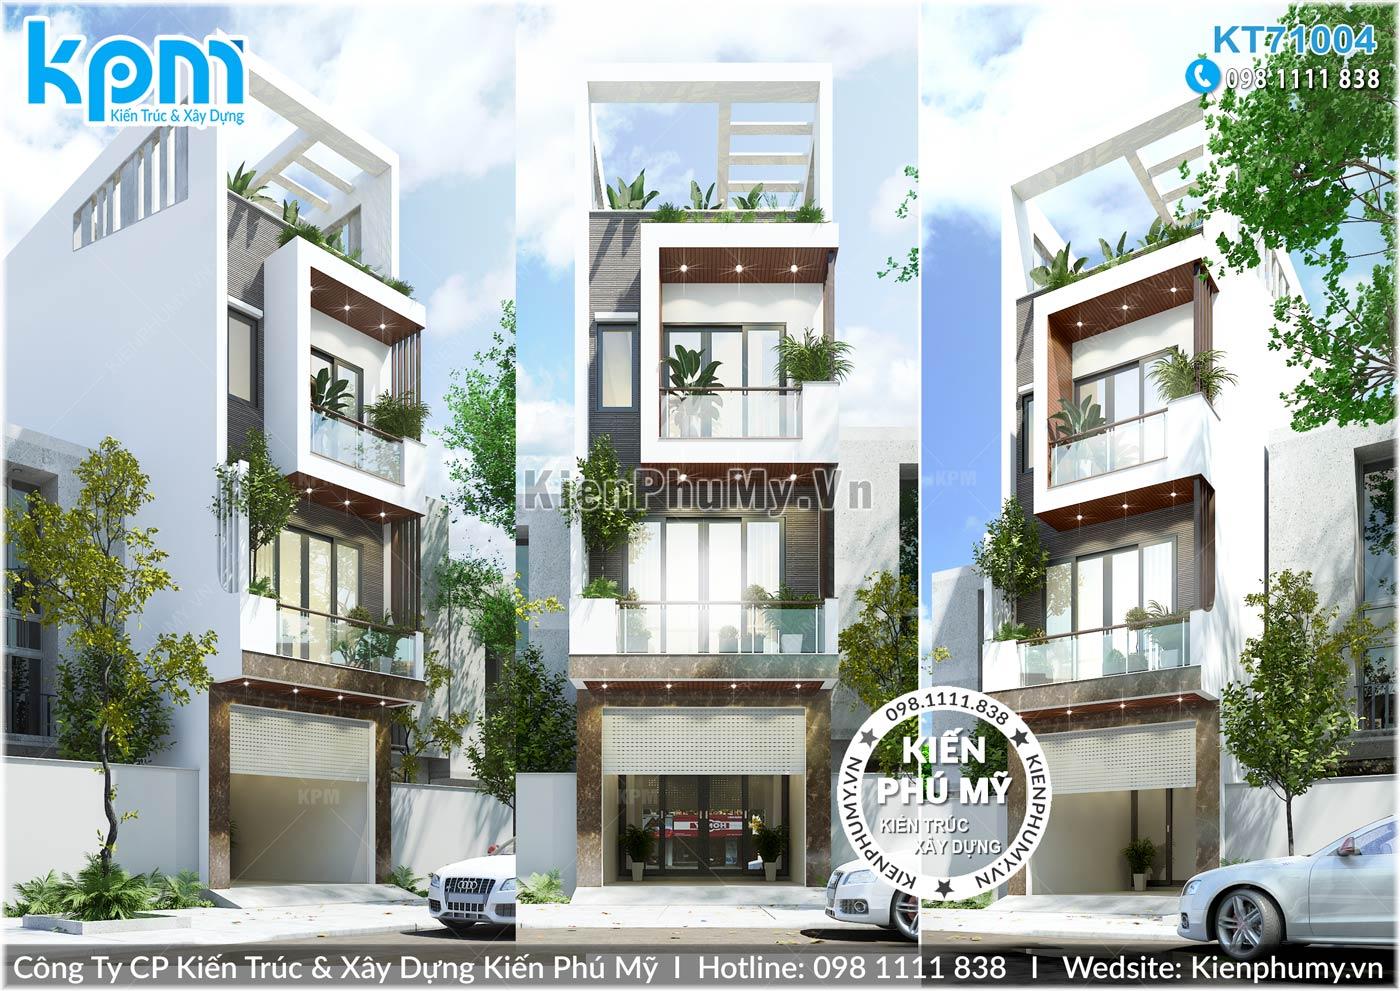 nhà lô phố mặt tiền 4.5m thiết kế hiện đại, ấn tượng tại Hải Dương